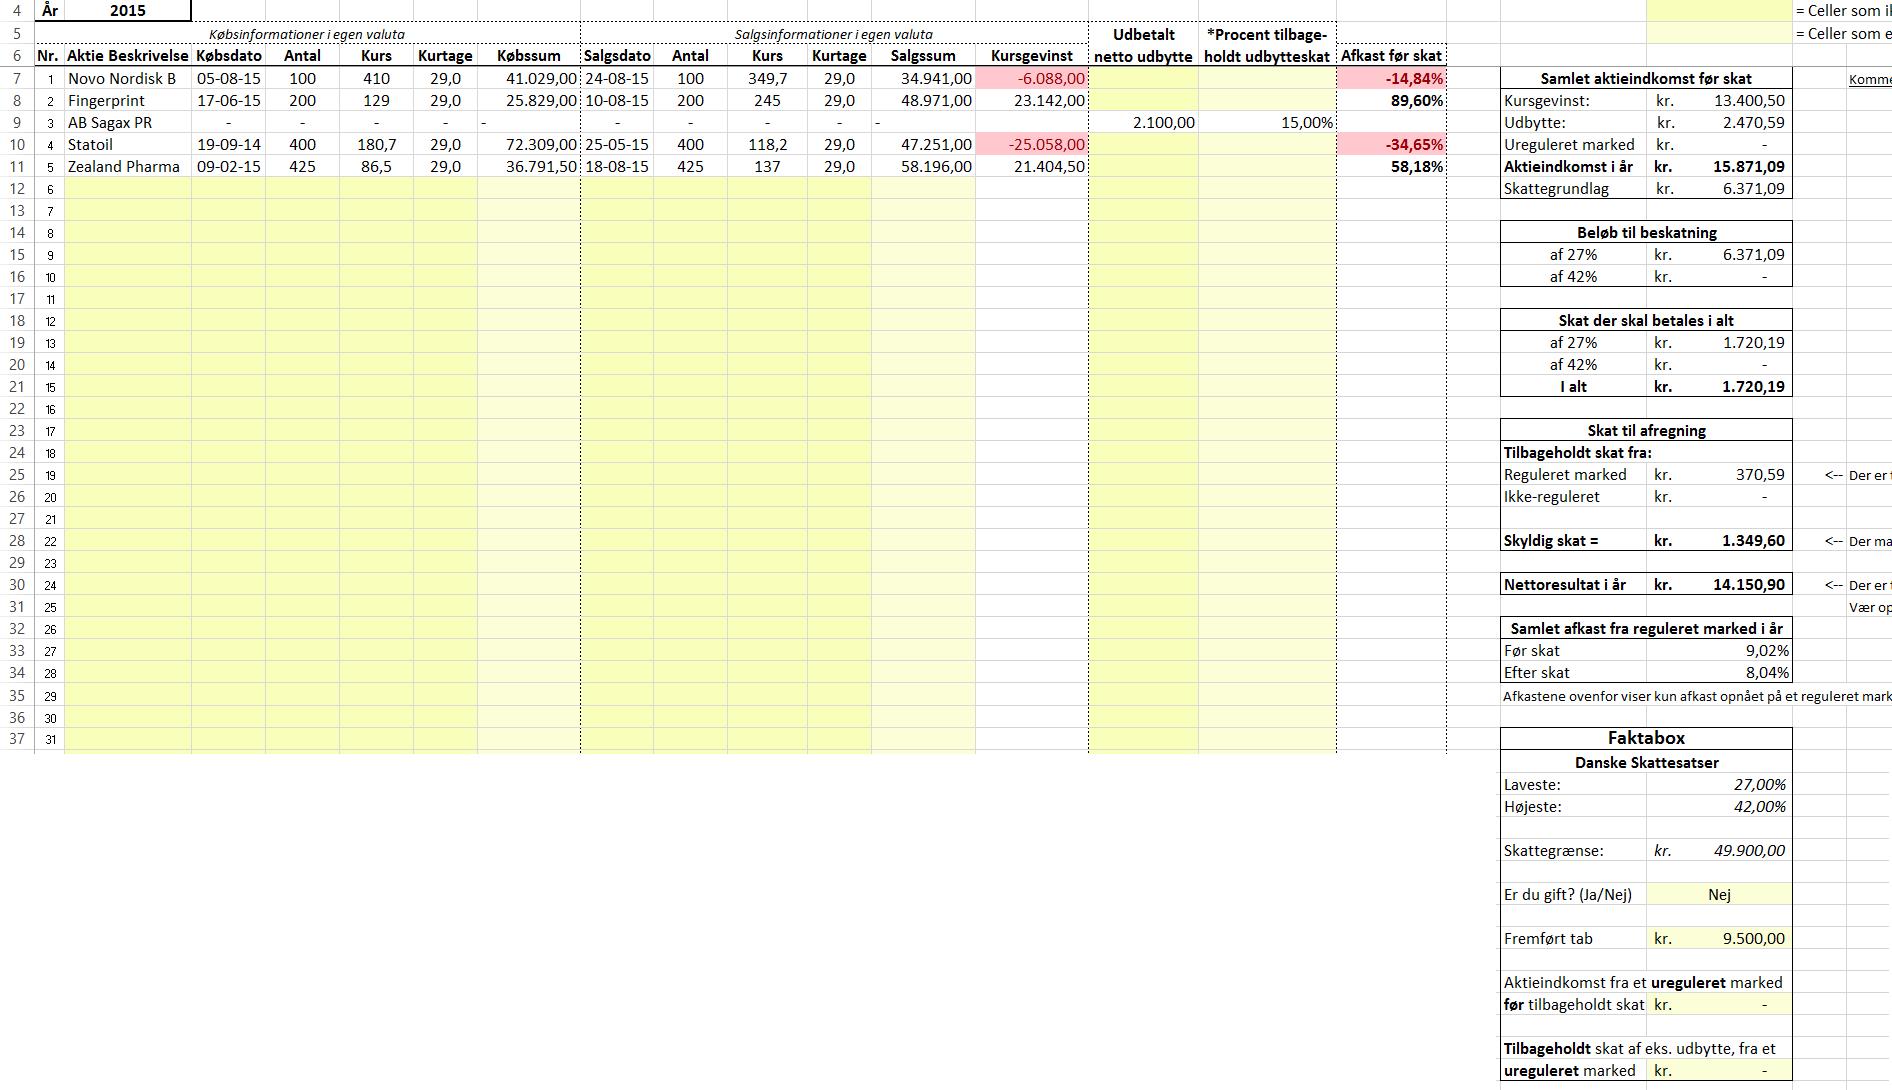 Aktiebeskatning - Eksempel med fire aktiehandler og ét udbytte med gevinst og tab samt fremført tab